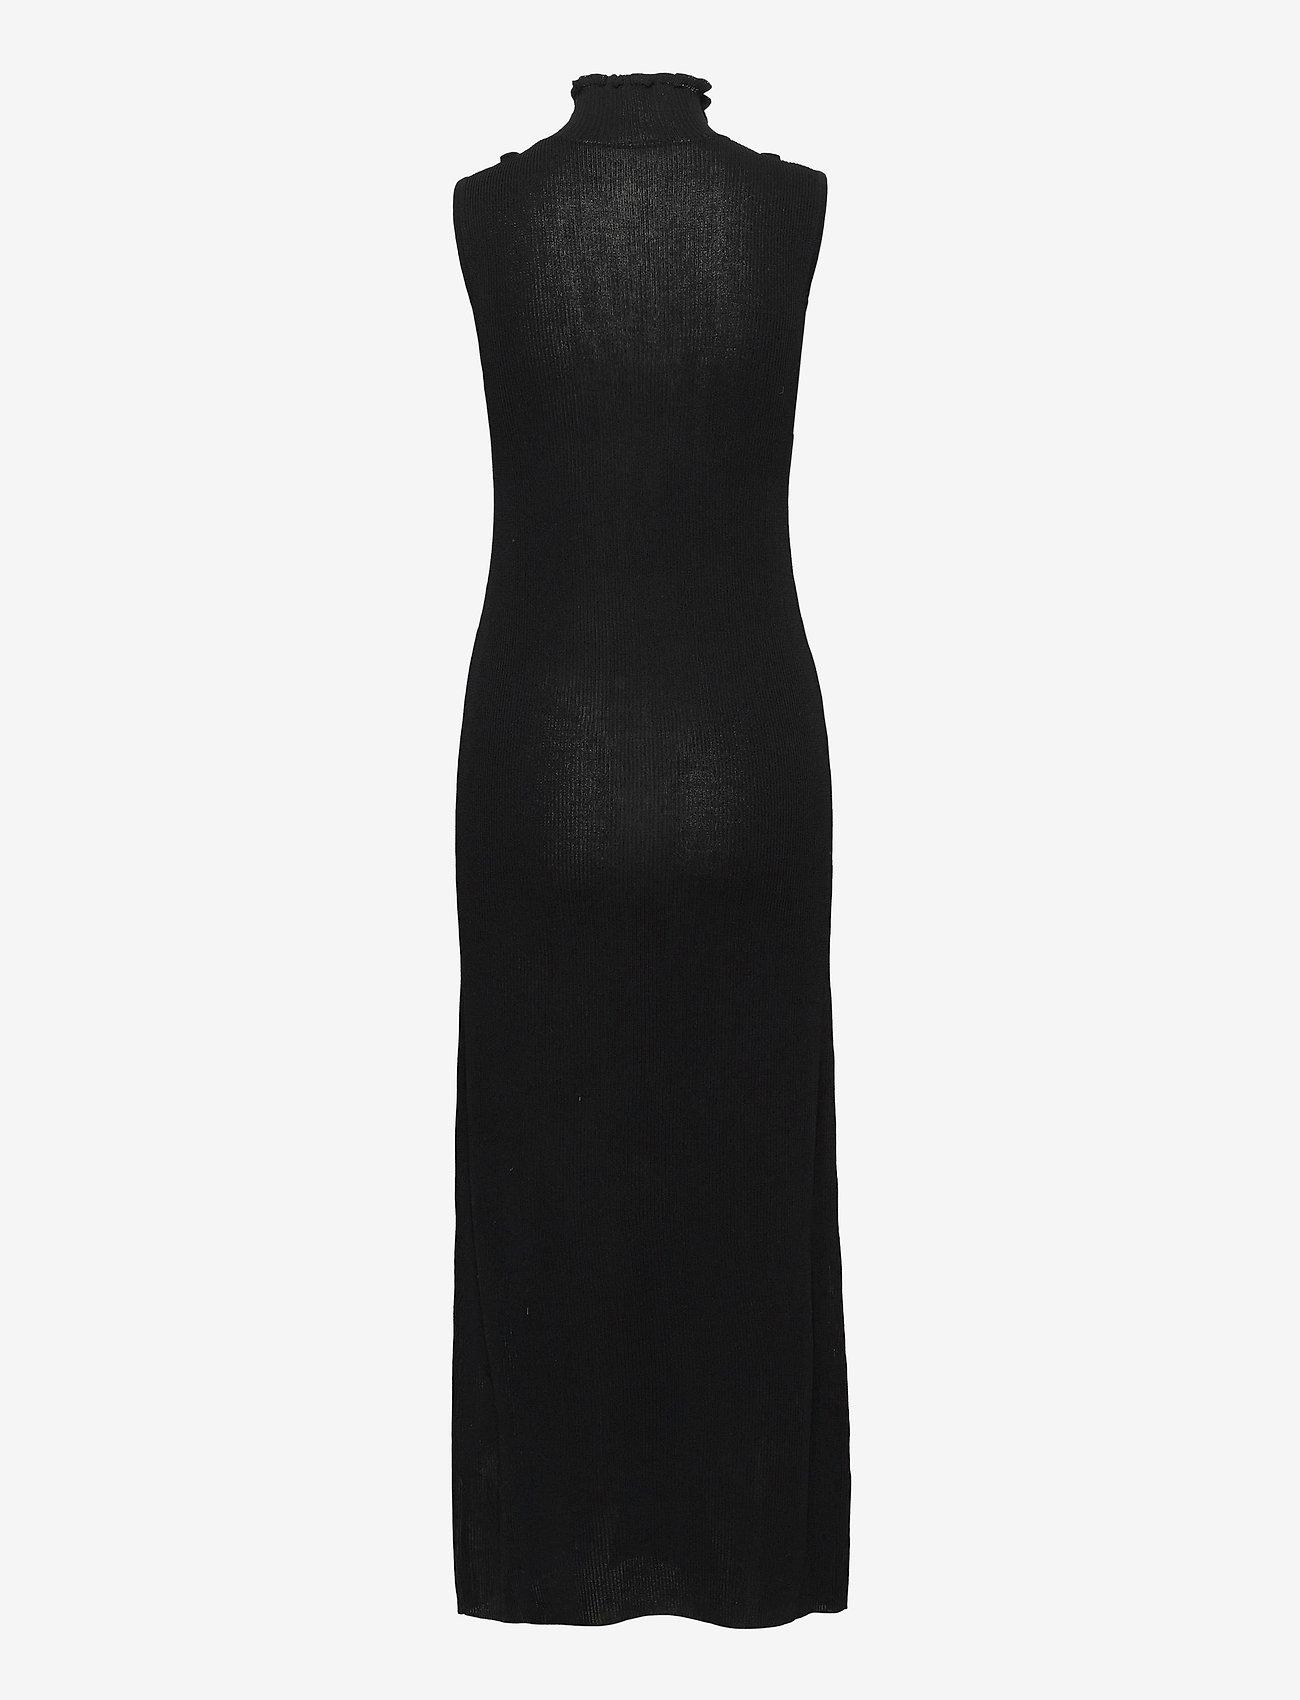 RODEBJER - RODEBJER AILE - stramme kjoler - black - 1